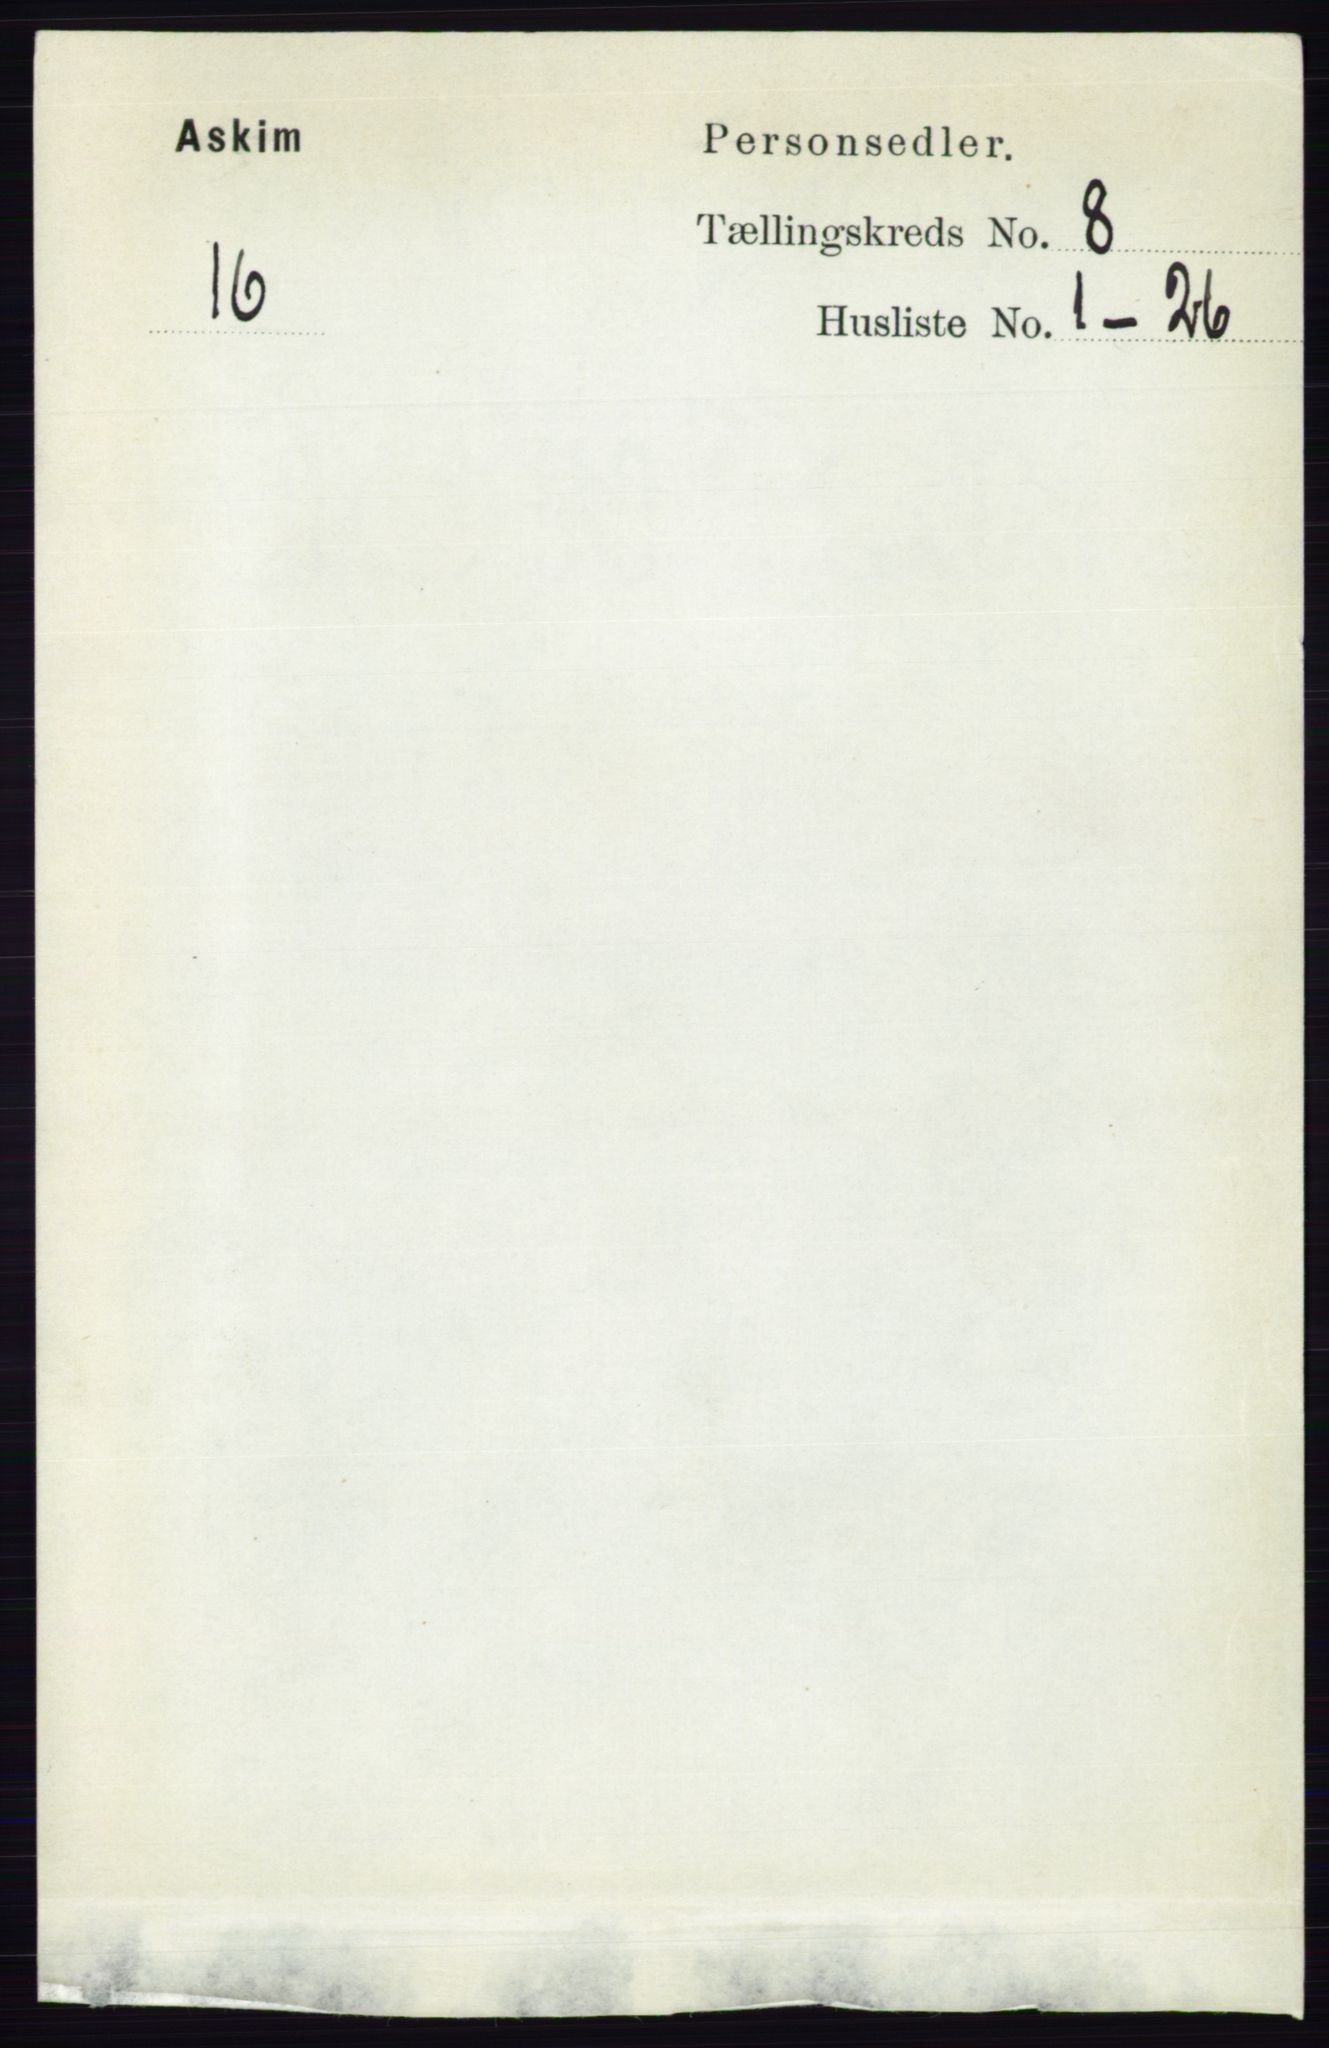 RA, Folketelling 1891 for 0124 Askim herred, 1891, s. 1243